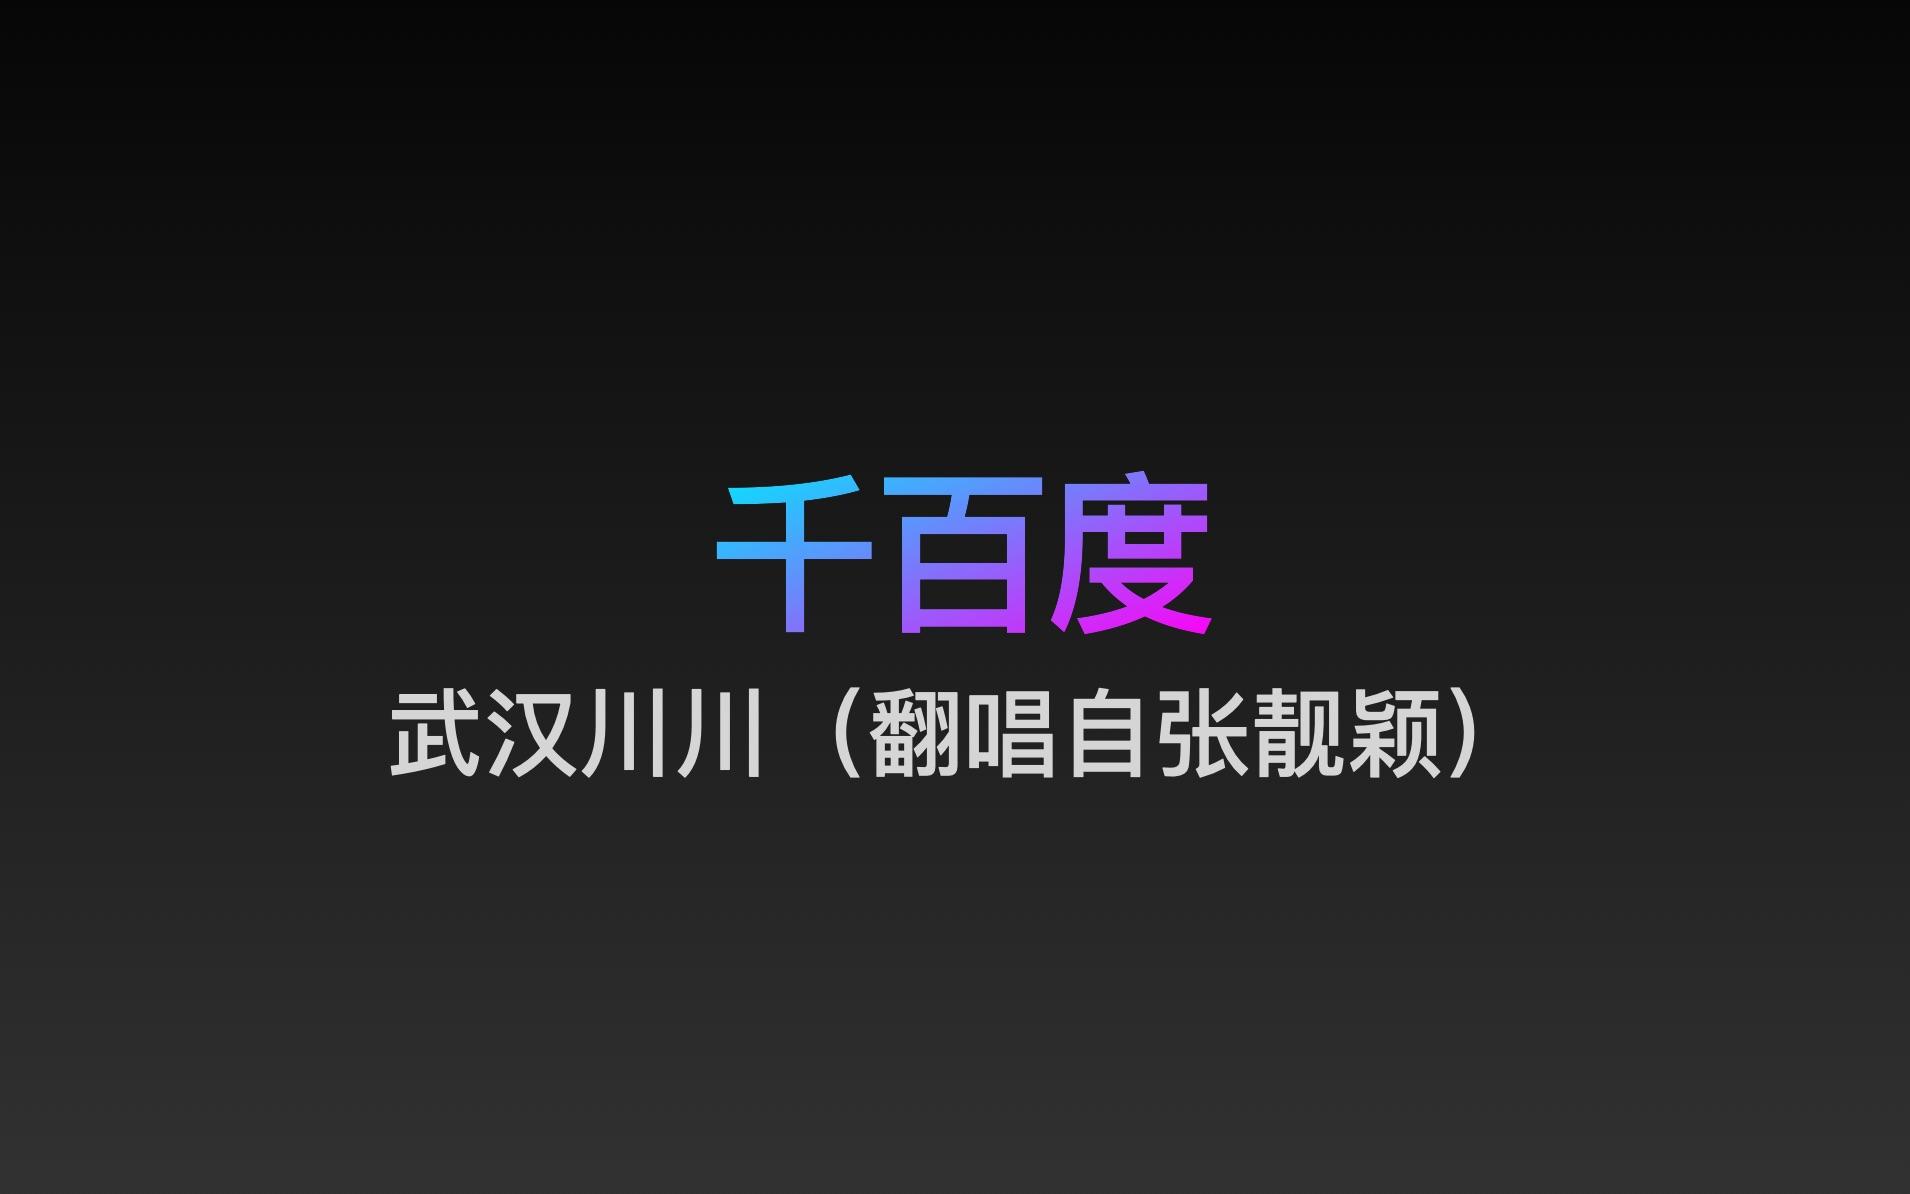 千百度 (翻唱自张靓颖)